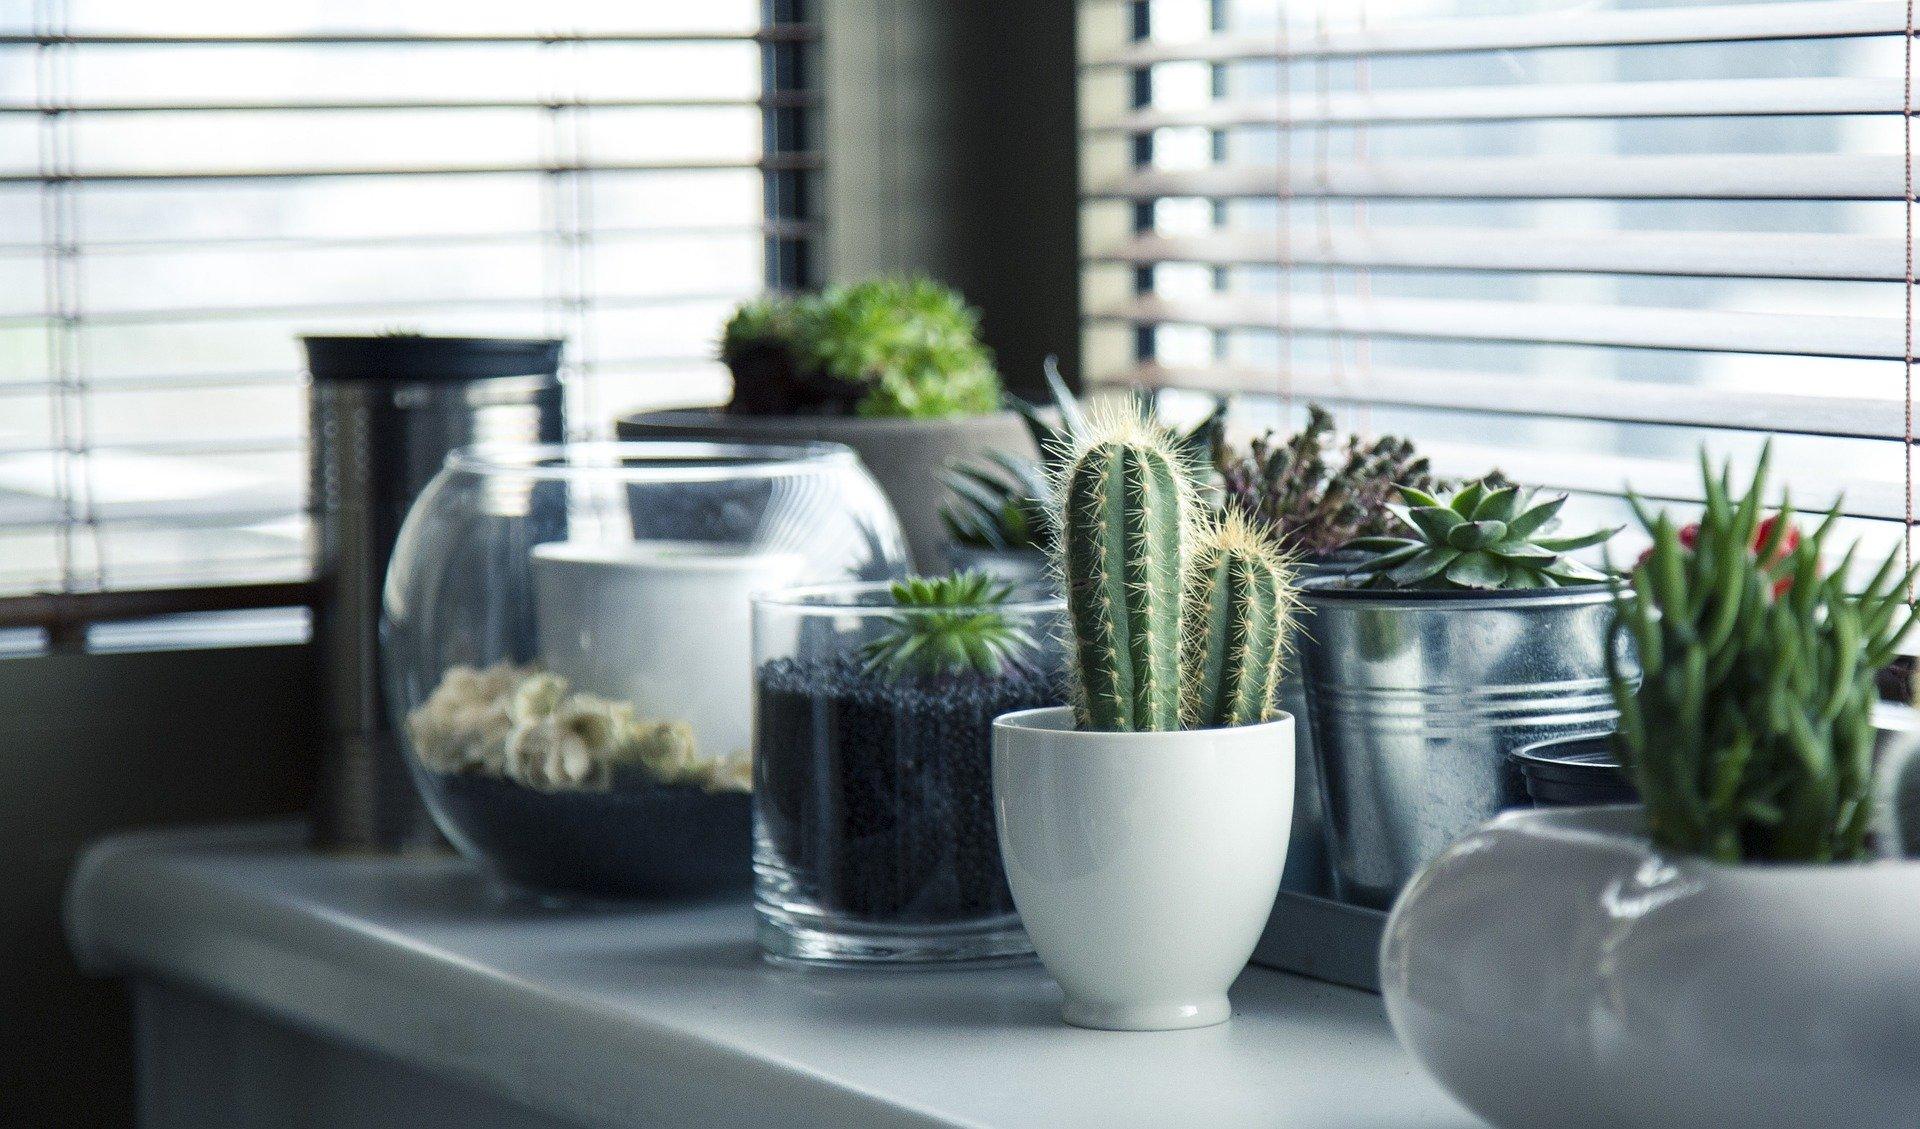 Comment mettre en place soi-même son petit jardin d'intérieur?